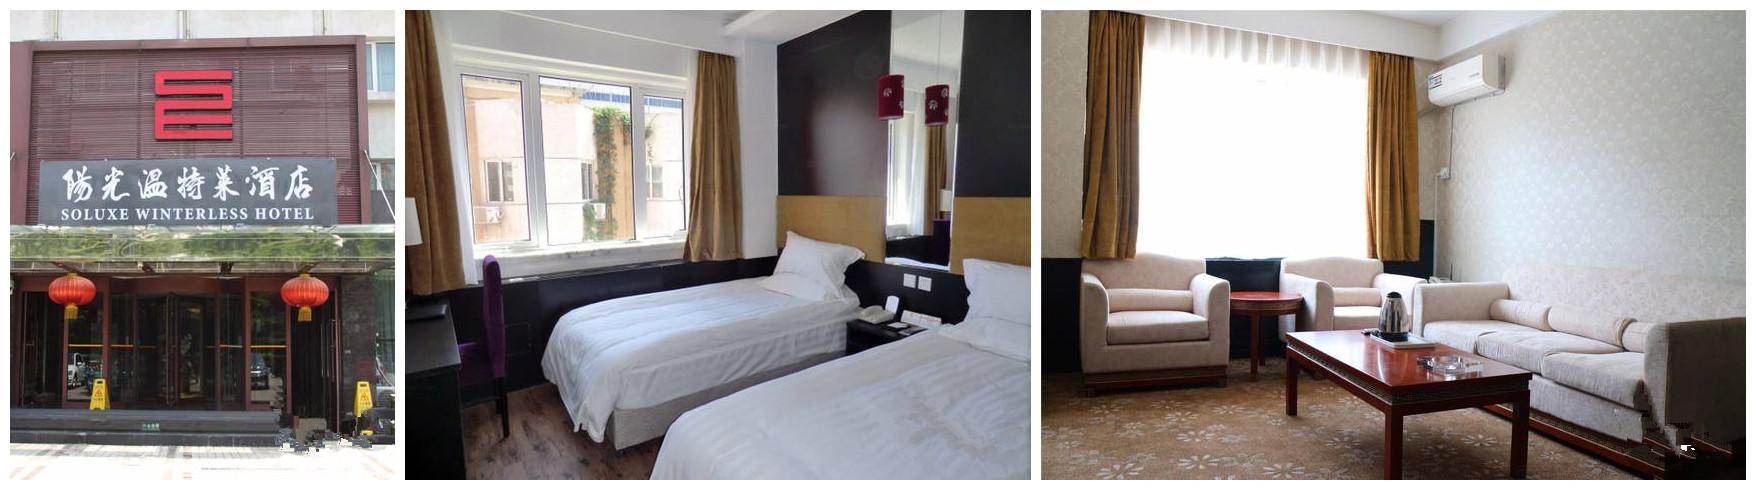 Soluxe Winterless Hotel Beijing CIEC Branch